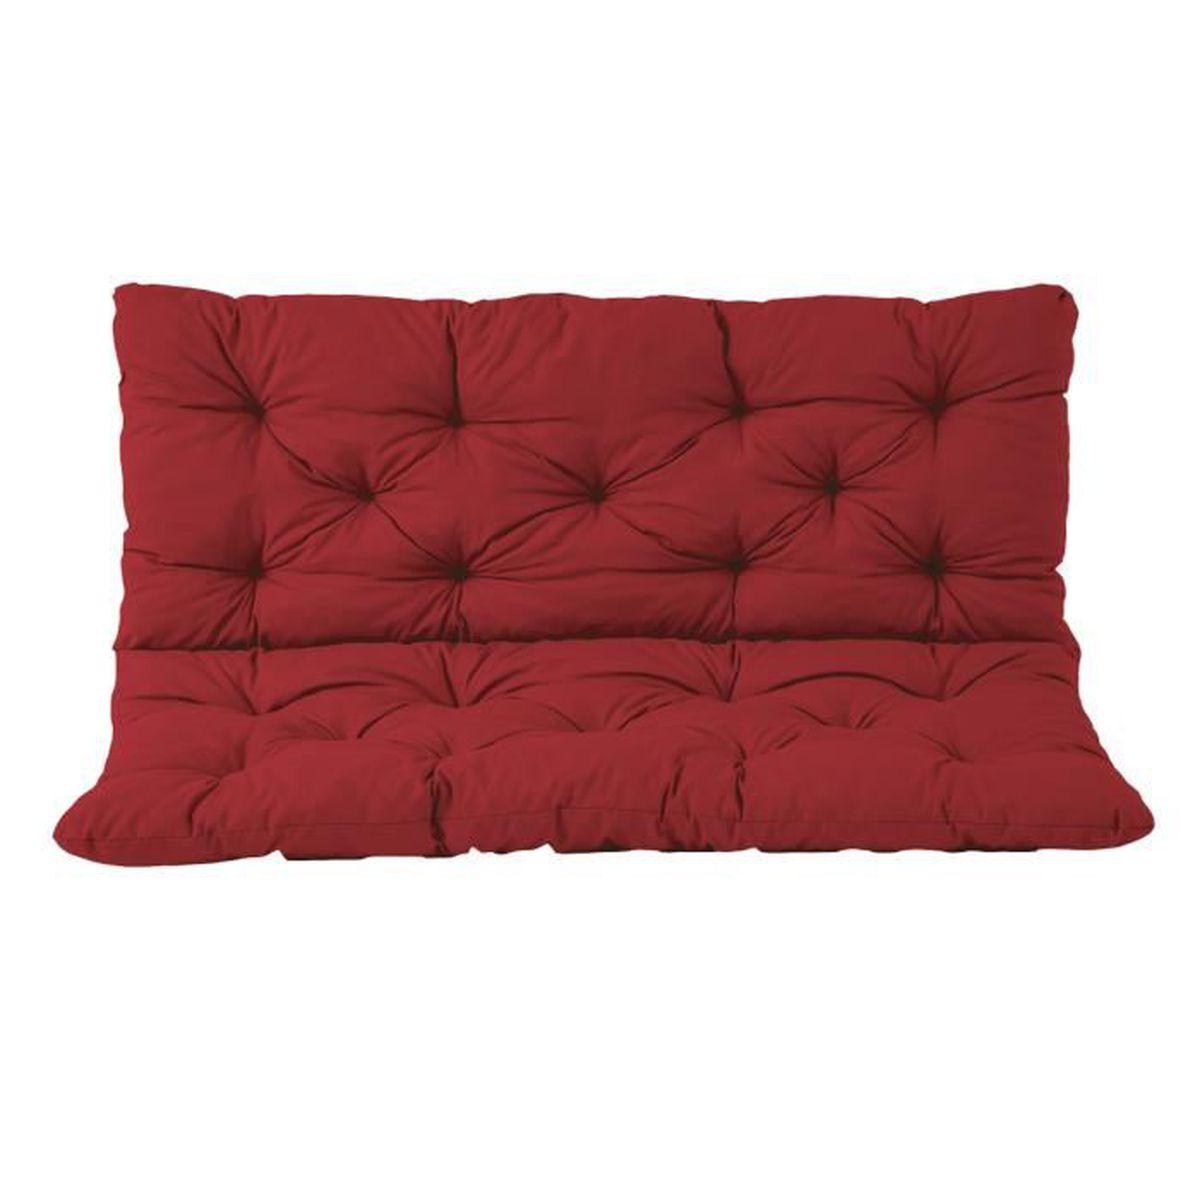 coussin haut dossier pour de banc de jardin hanko 2 si ges coton ca 150 x 98 x 8 cm ton. Black Bedroom Furniture Sets. Home Design Ideas